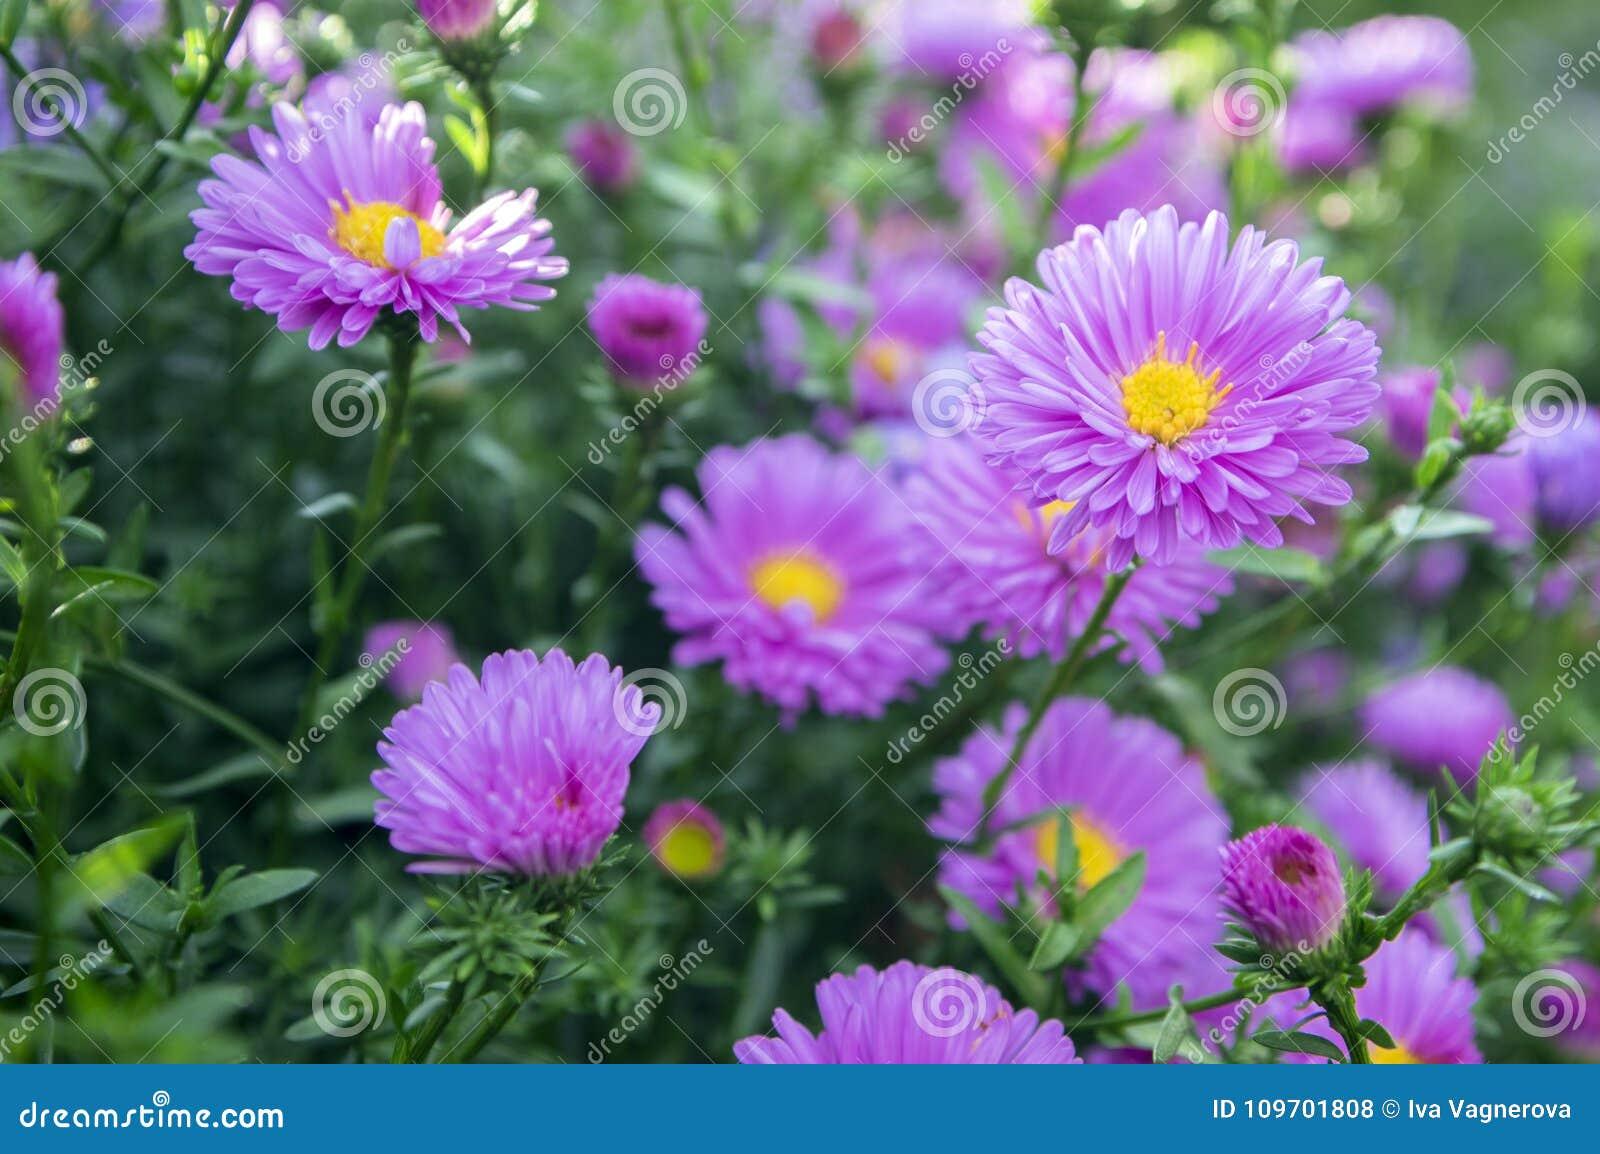 绽放的Symphyotrichum novi-belgii纽约翠菊装饰秋天植物